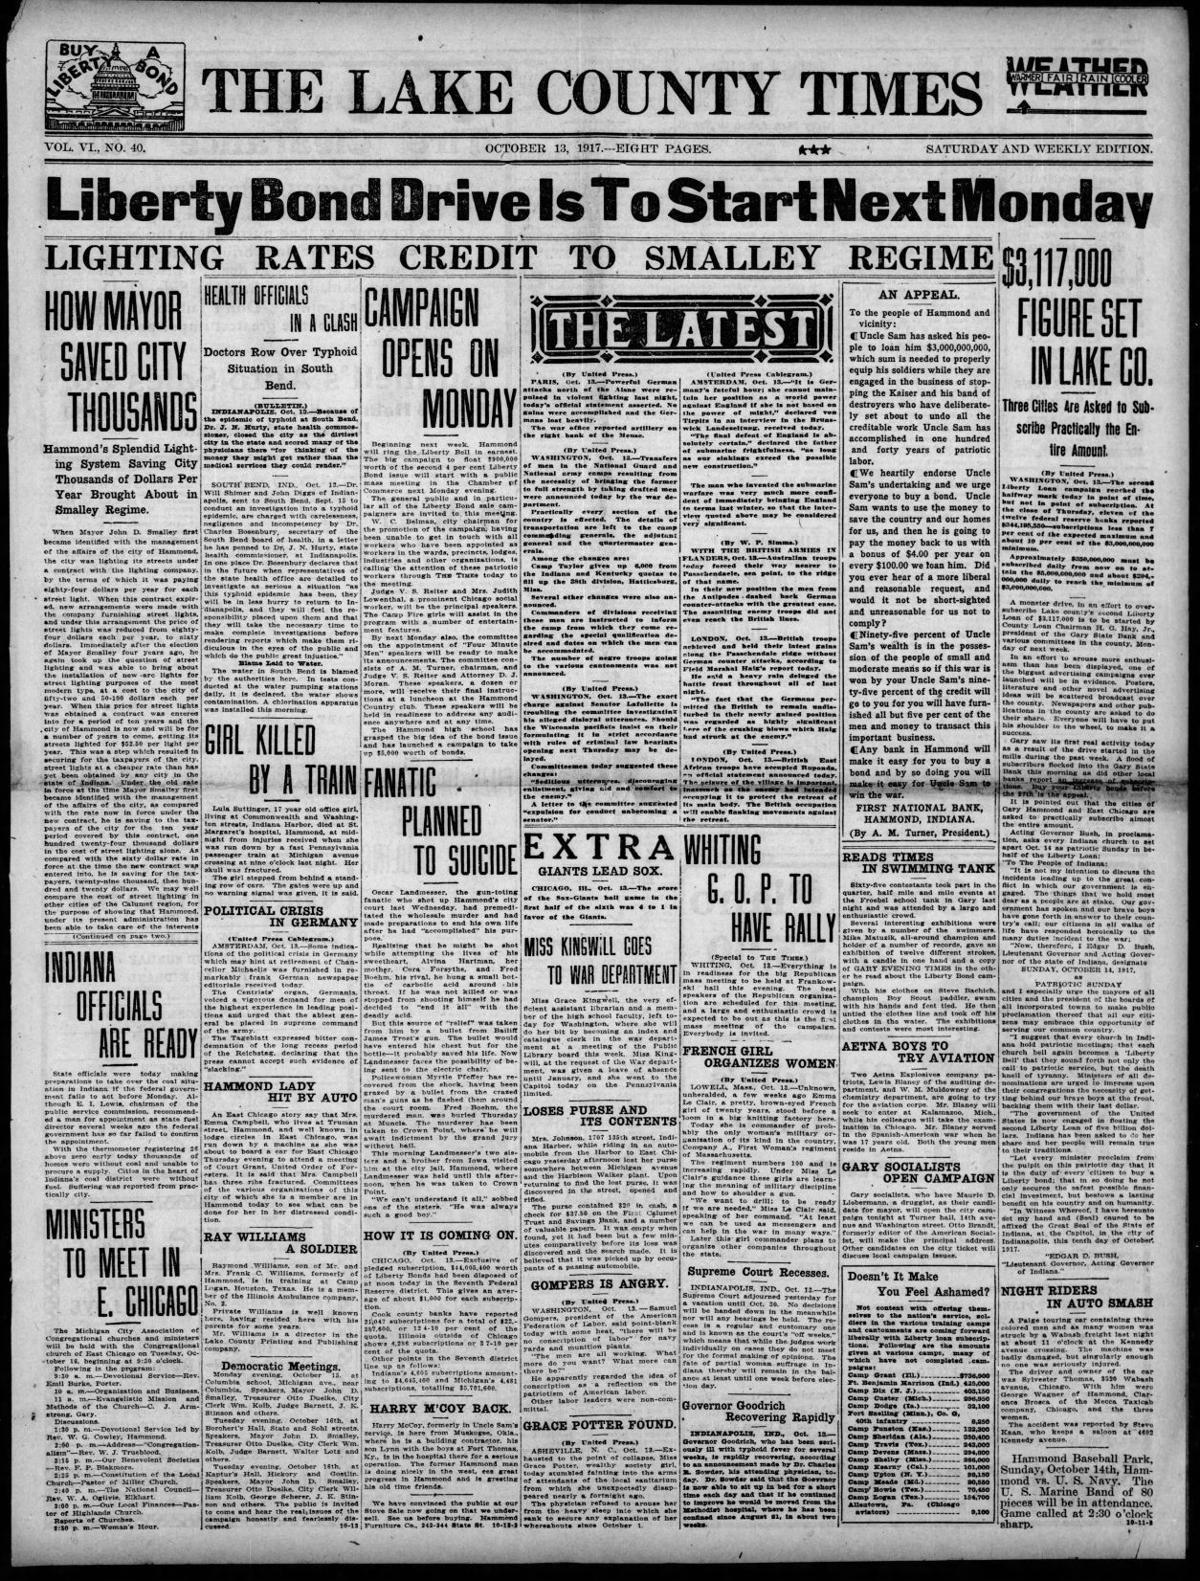 Oct. 13, 1917: Liberty Bond Drive Is To Start Next Monday